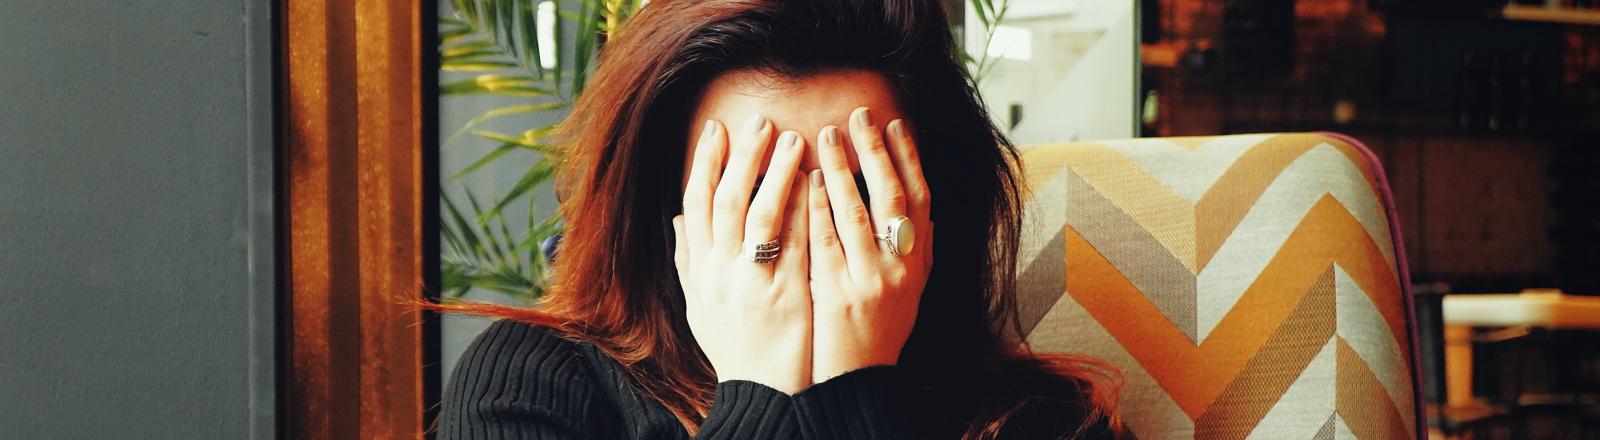 Eine Frau sitzt auf einem Sessel und versteckt das Gesicht unter den Händen.